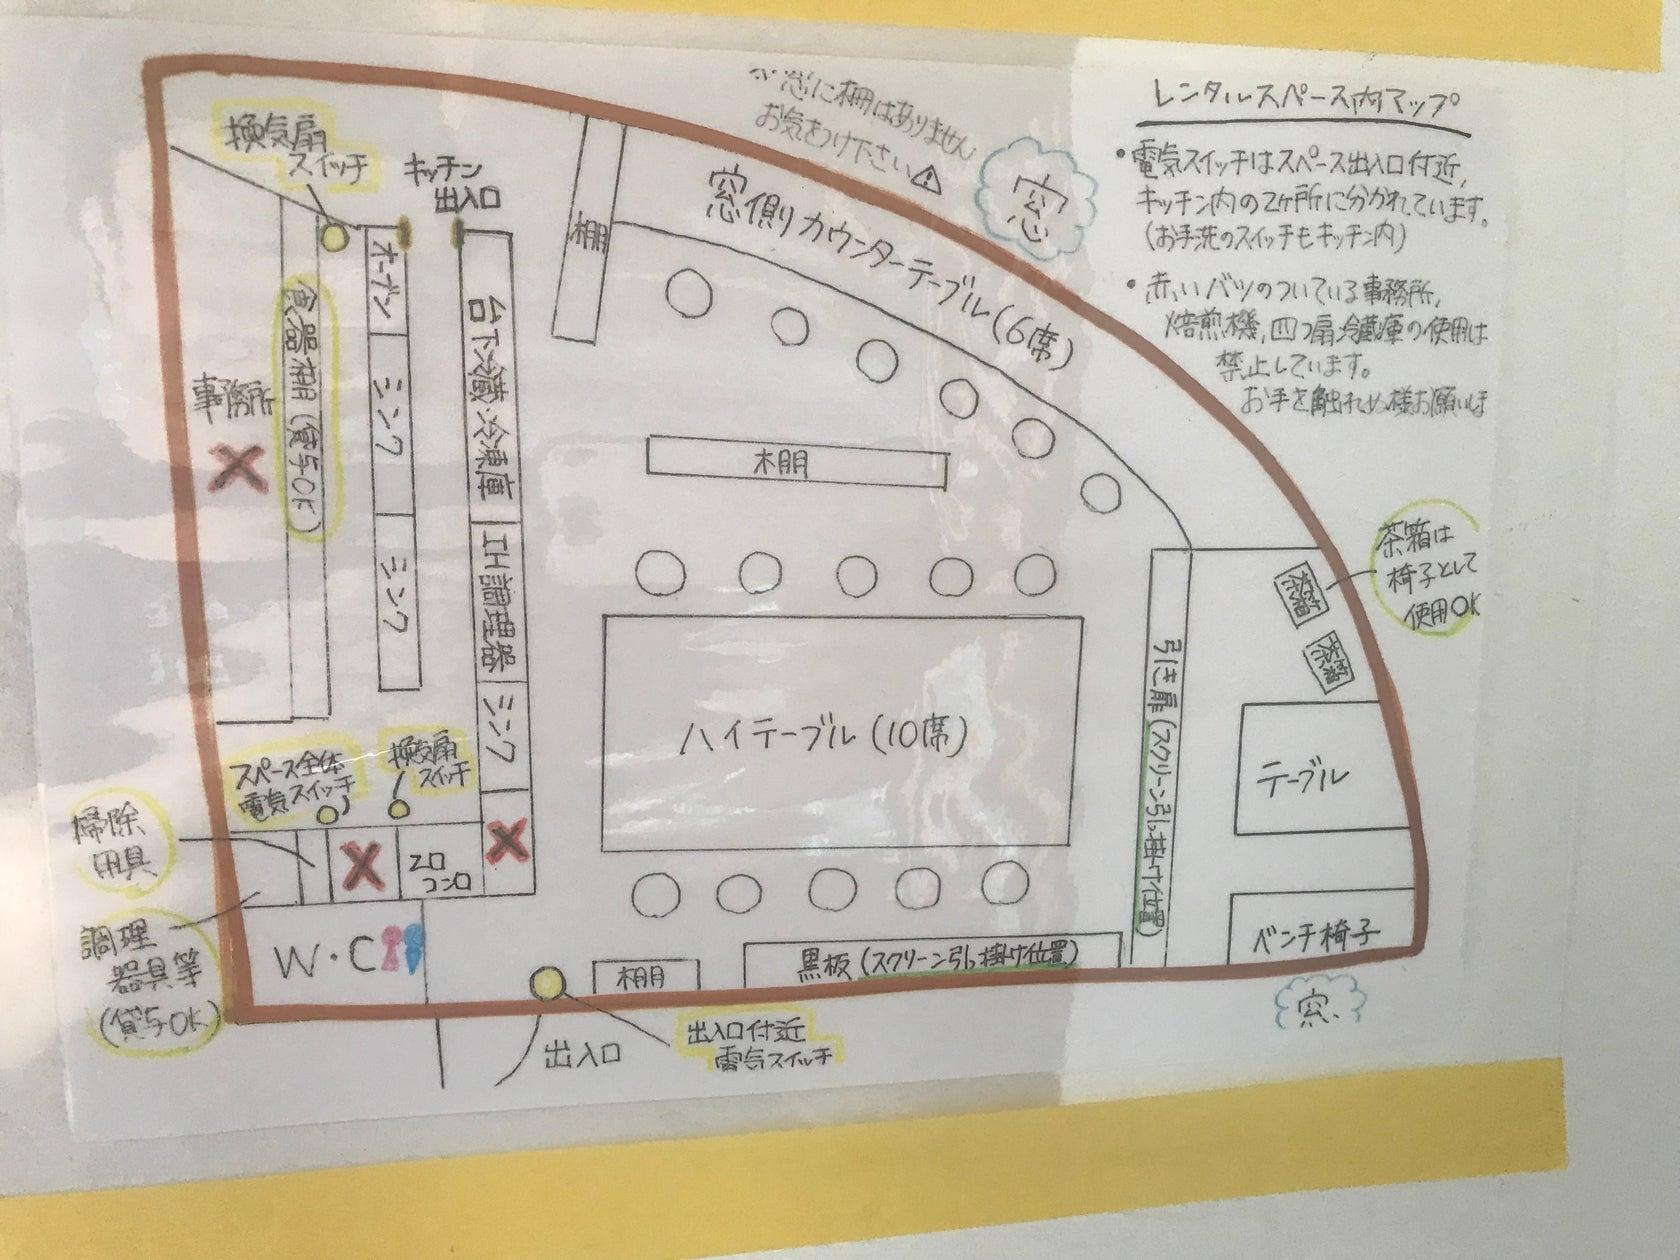 那覇・国際通り近く!お洒落なカフェ仕様・設備豊富なスペースでイベント・会議・撮影に。キッチンも利用可 の写真